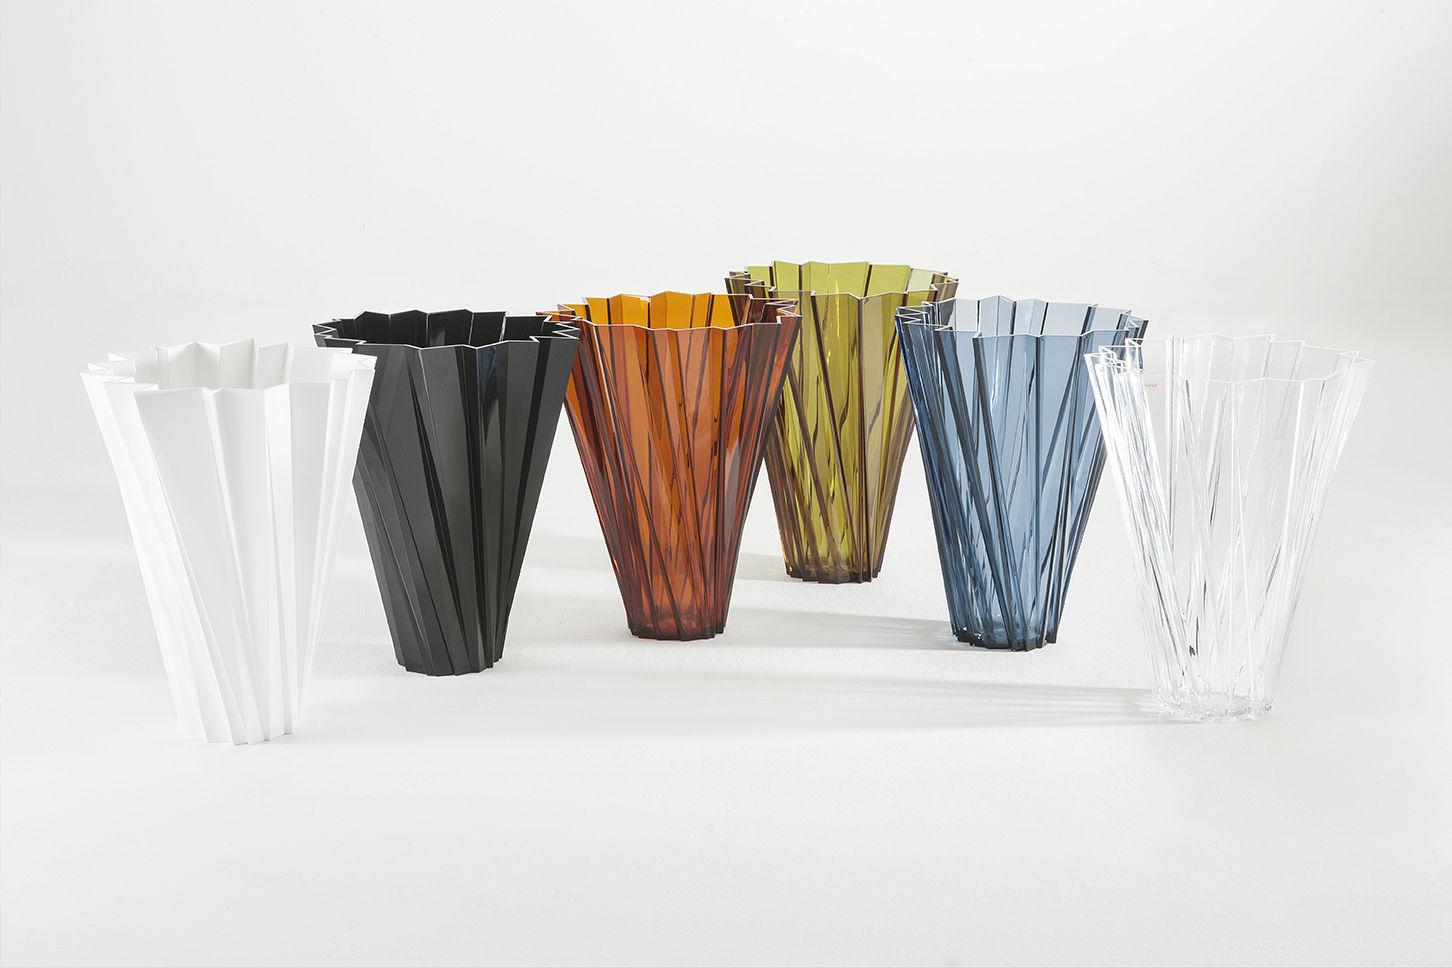 shanghai vase olive green by kartell. Black Bedroom Furniture Sets. Home Design Ideas